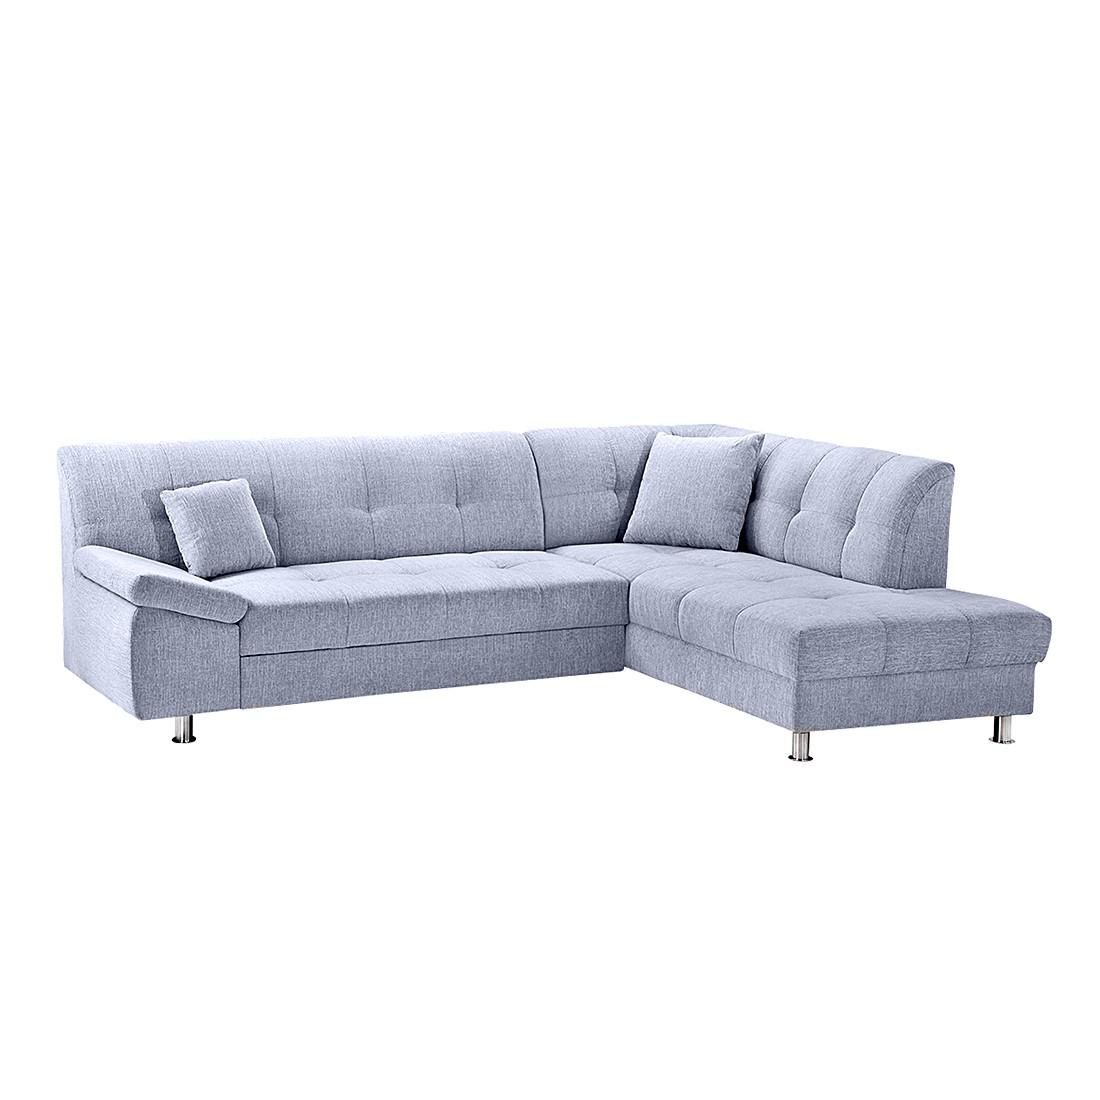 ecksofa borneo mit schlaffunktion webstoff hellblau ottomane davorstehend rechts. Black Bedroom Furniture Sets. Home Design Ideas